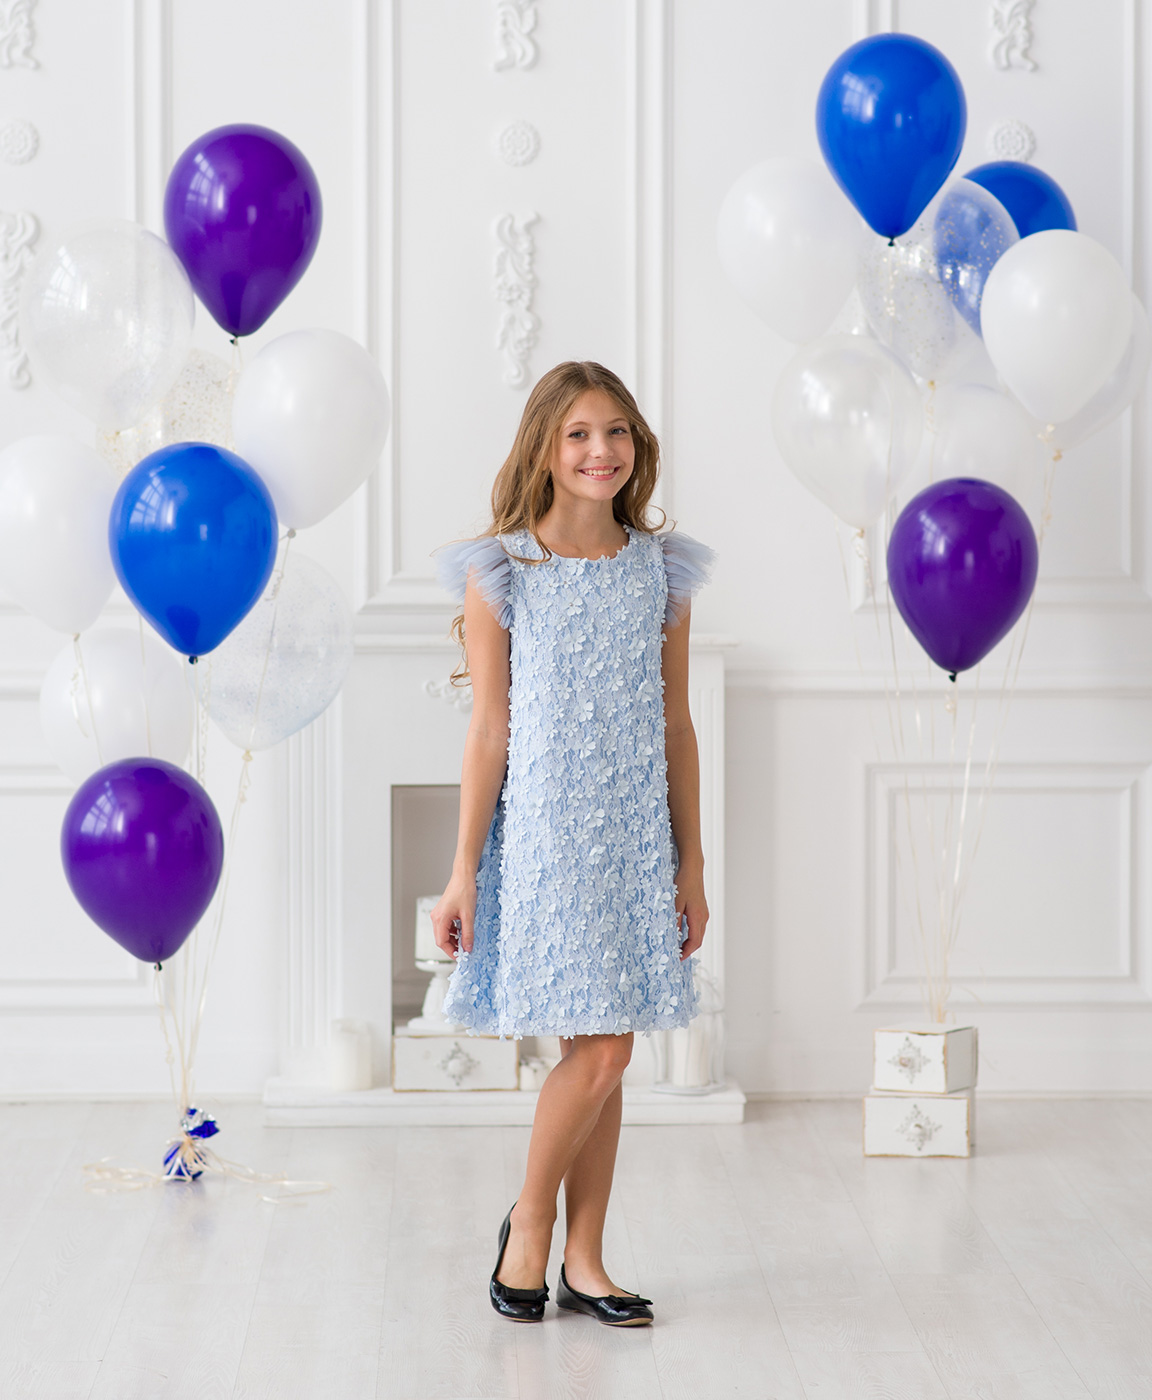 870c2cecaa27436 ... Нарядное платье для девочек к снежному балу. Нарядные платья от модного  бренда детской одежды Красавушка ...